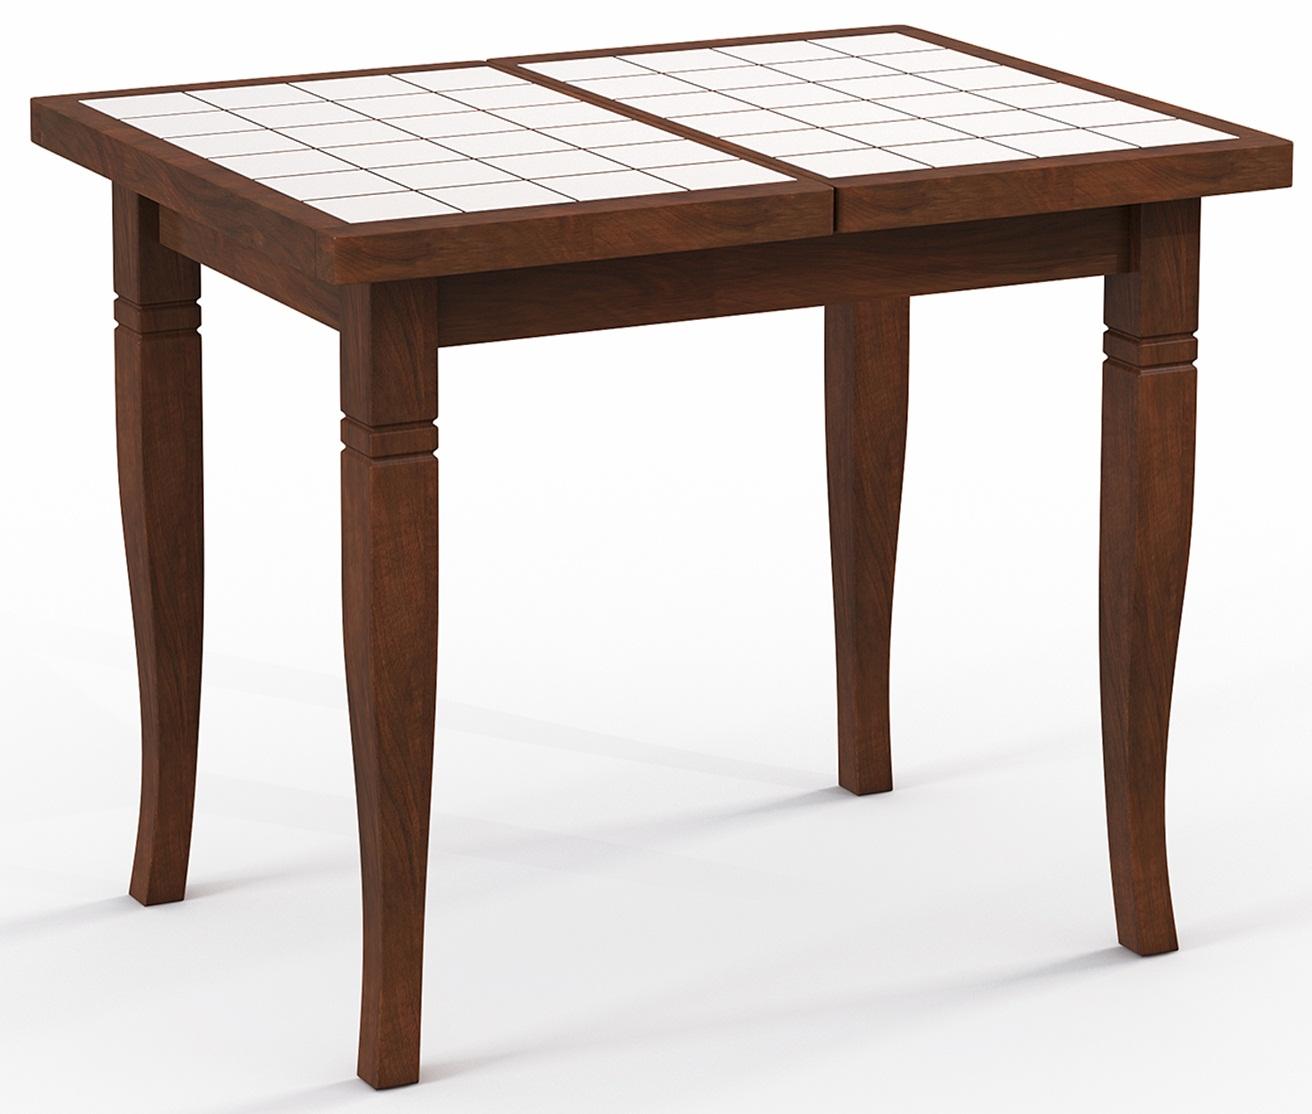 Стол для маленькой кухни Италия 87 дуб, 87х66 см. раздвижной, плитка (арт. М4357)